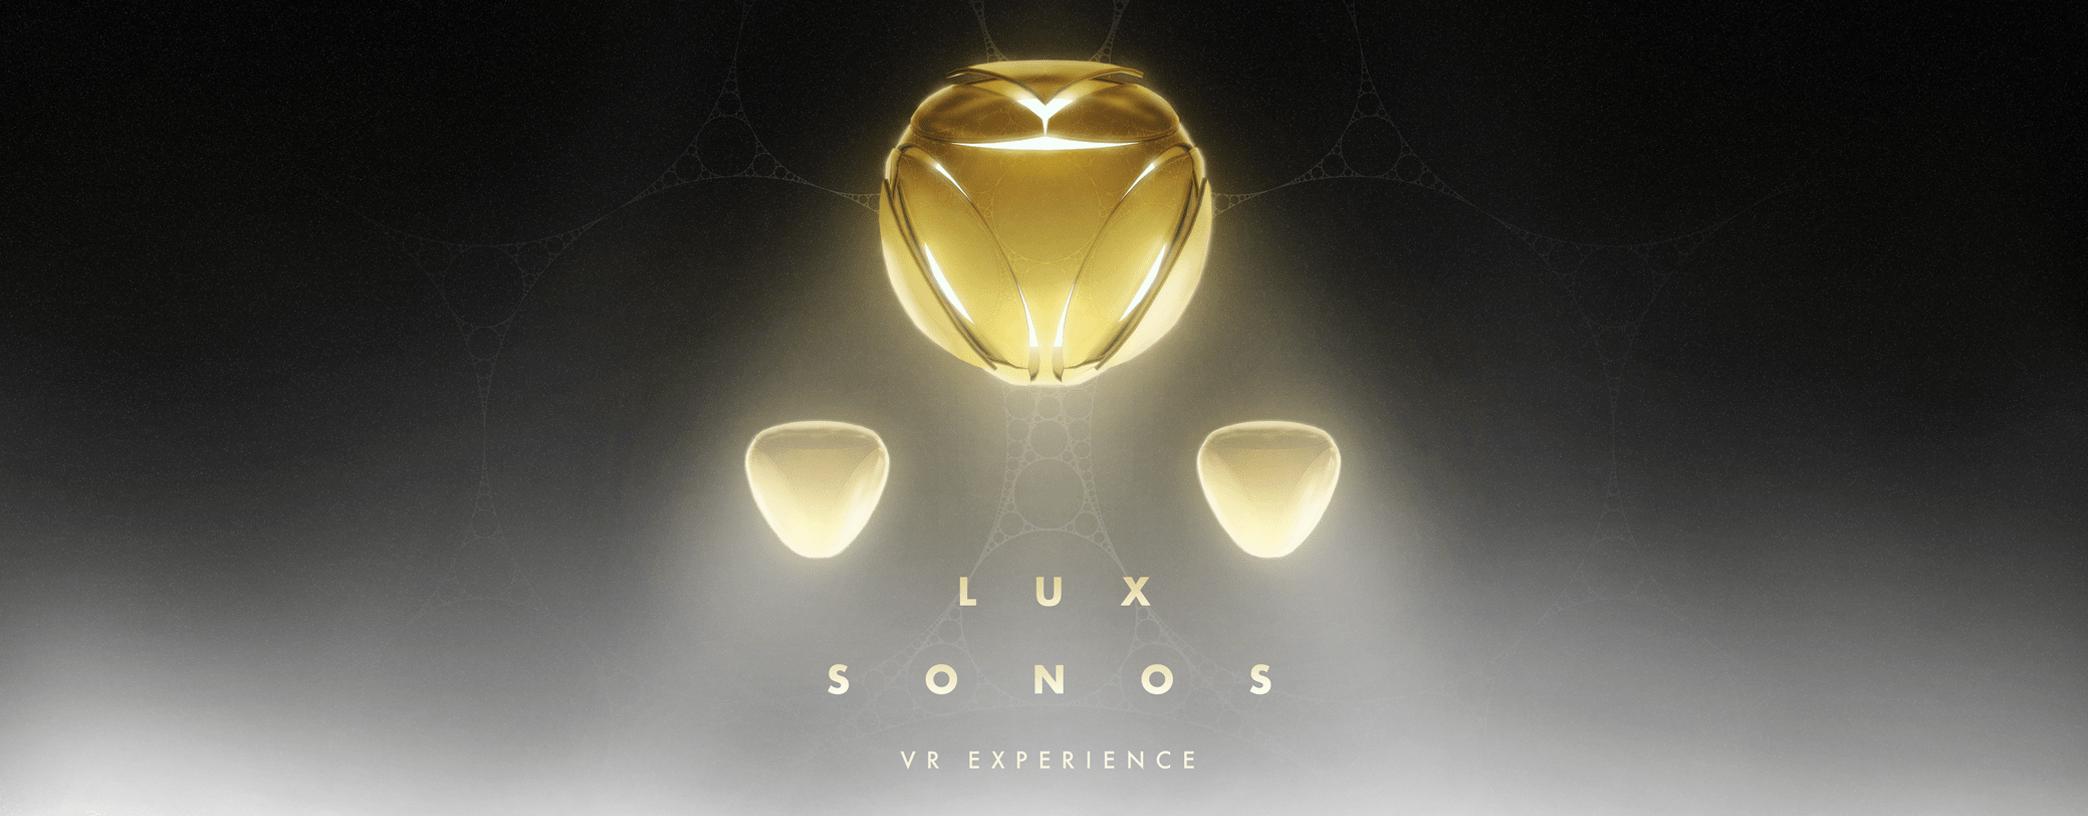 lux sonos hero 1